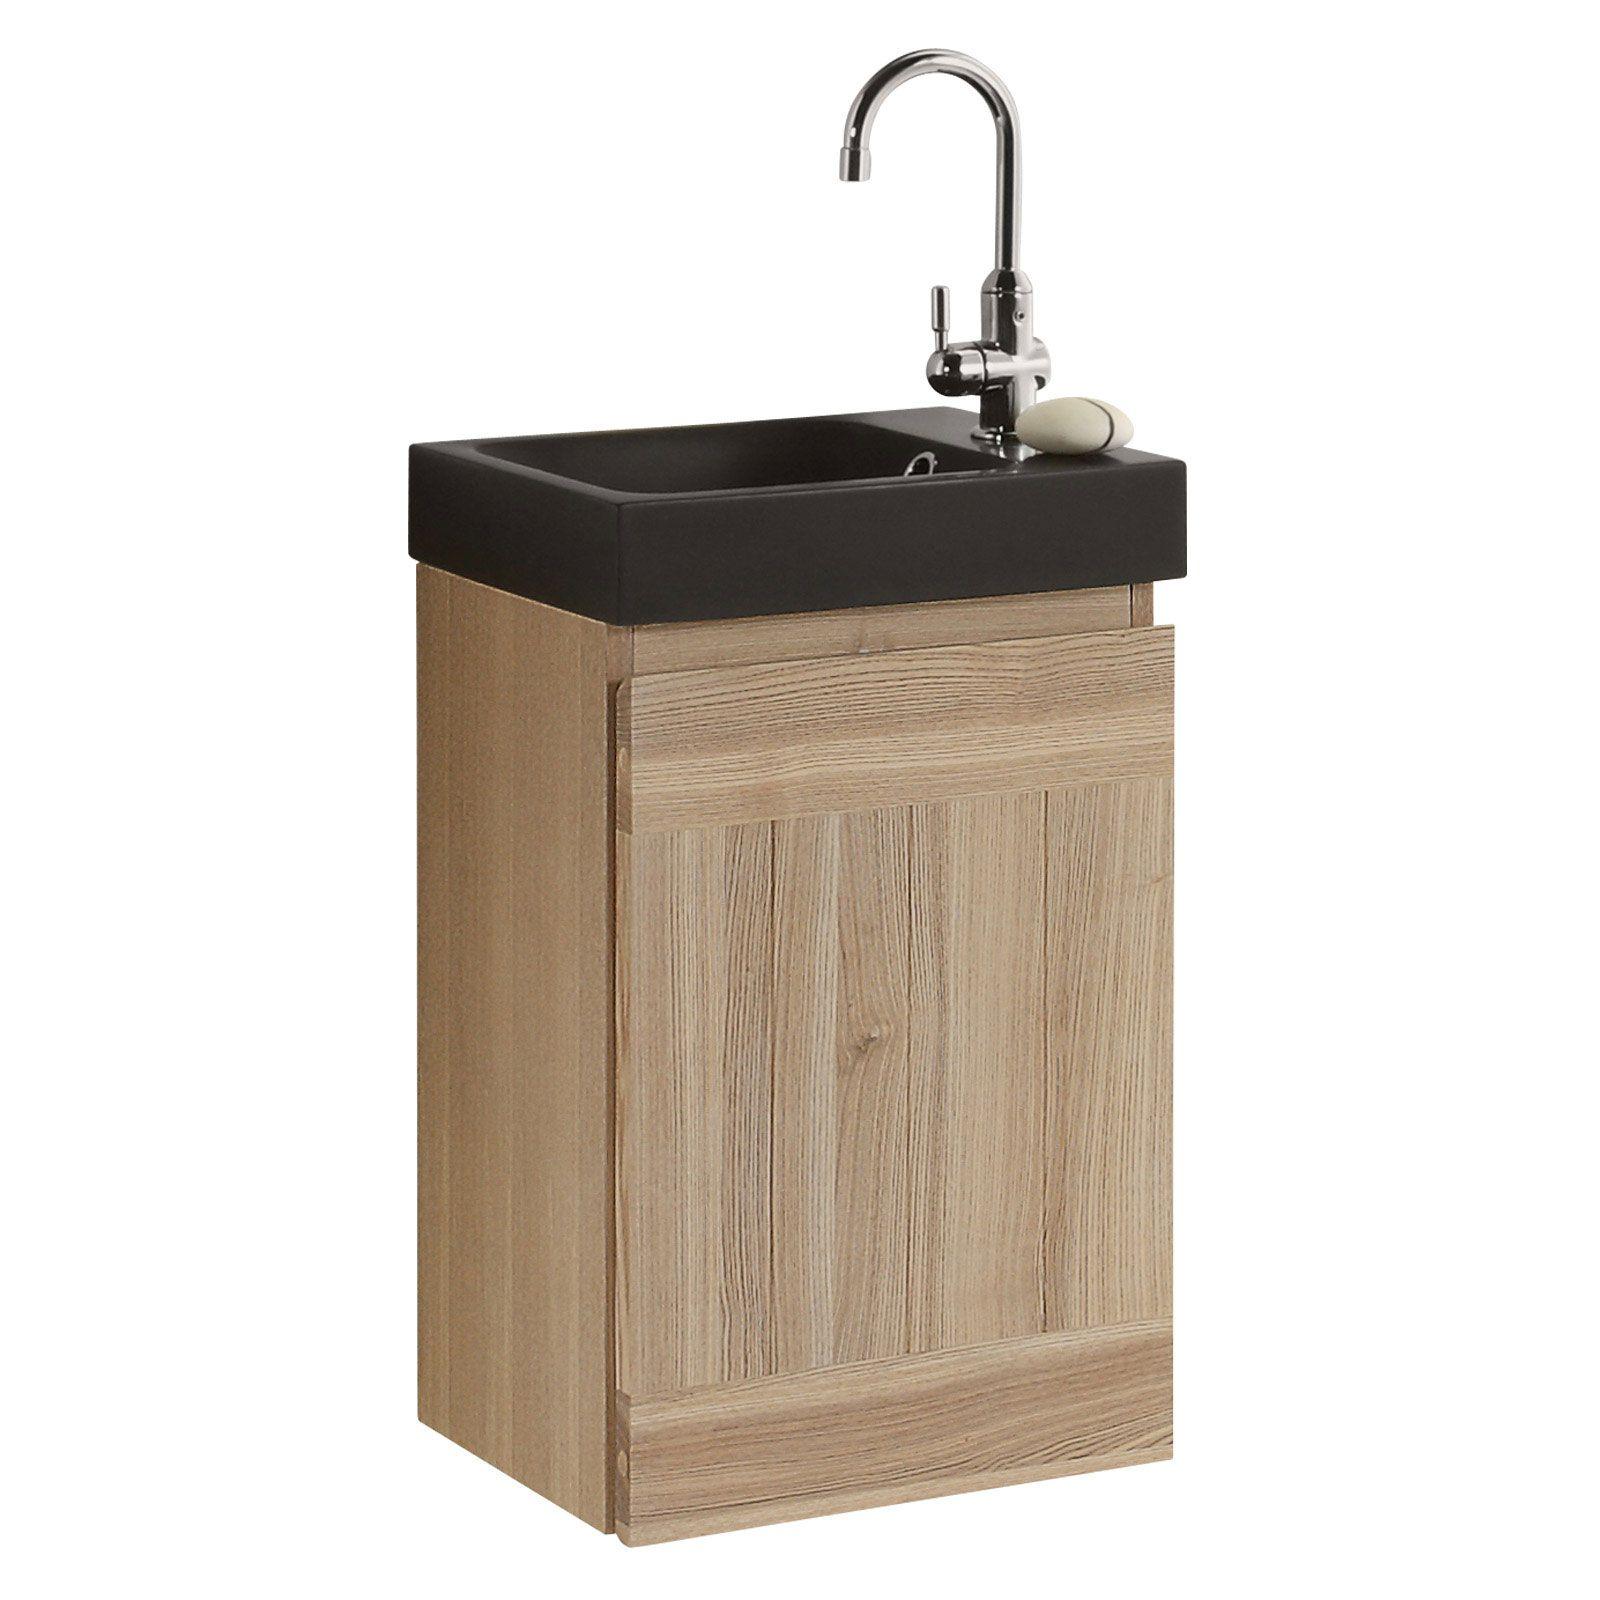 Meuble Lave Main Wc Beau De Maison Couleur Pour Meuble Lave Main